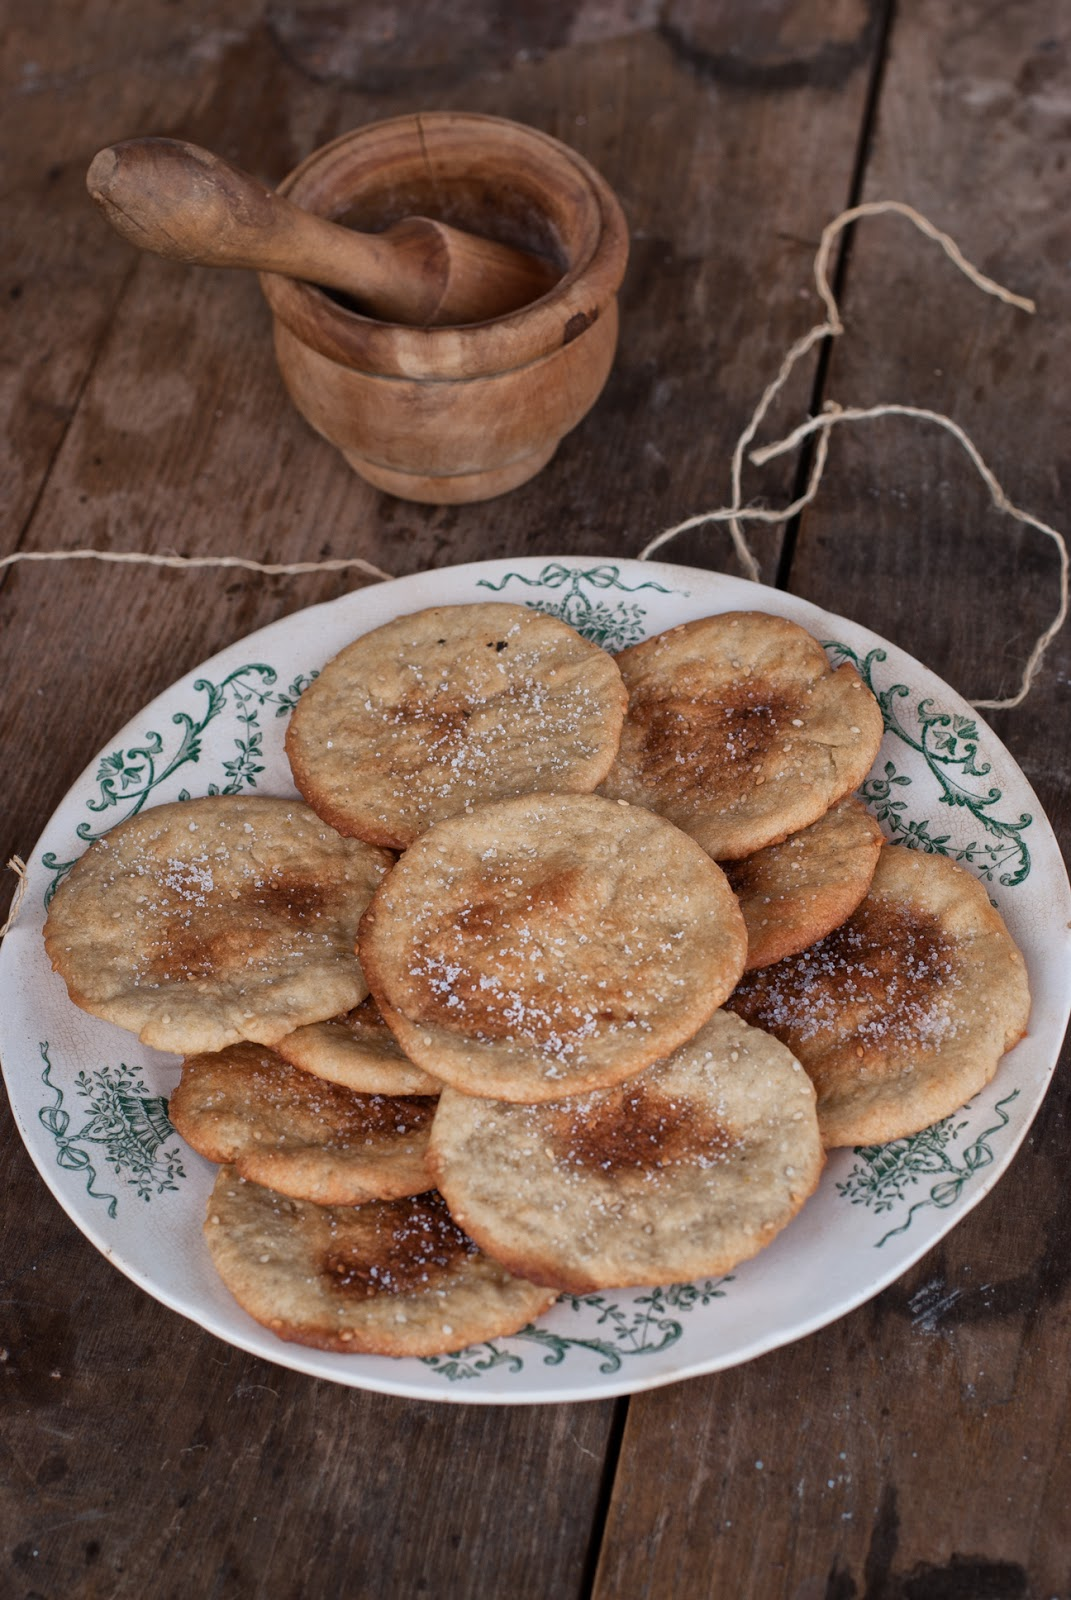 Kruche ciastka anyżowe z oliwą